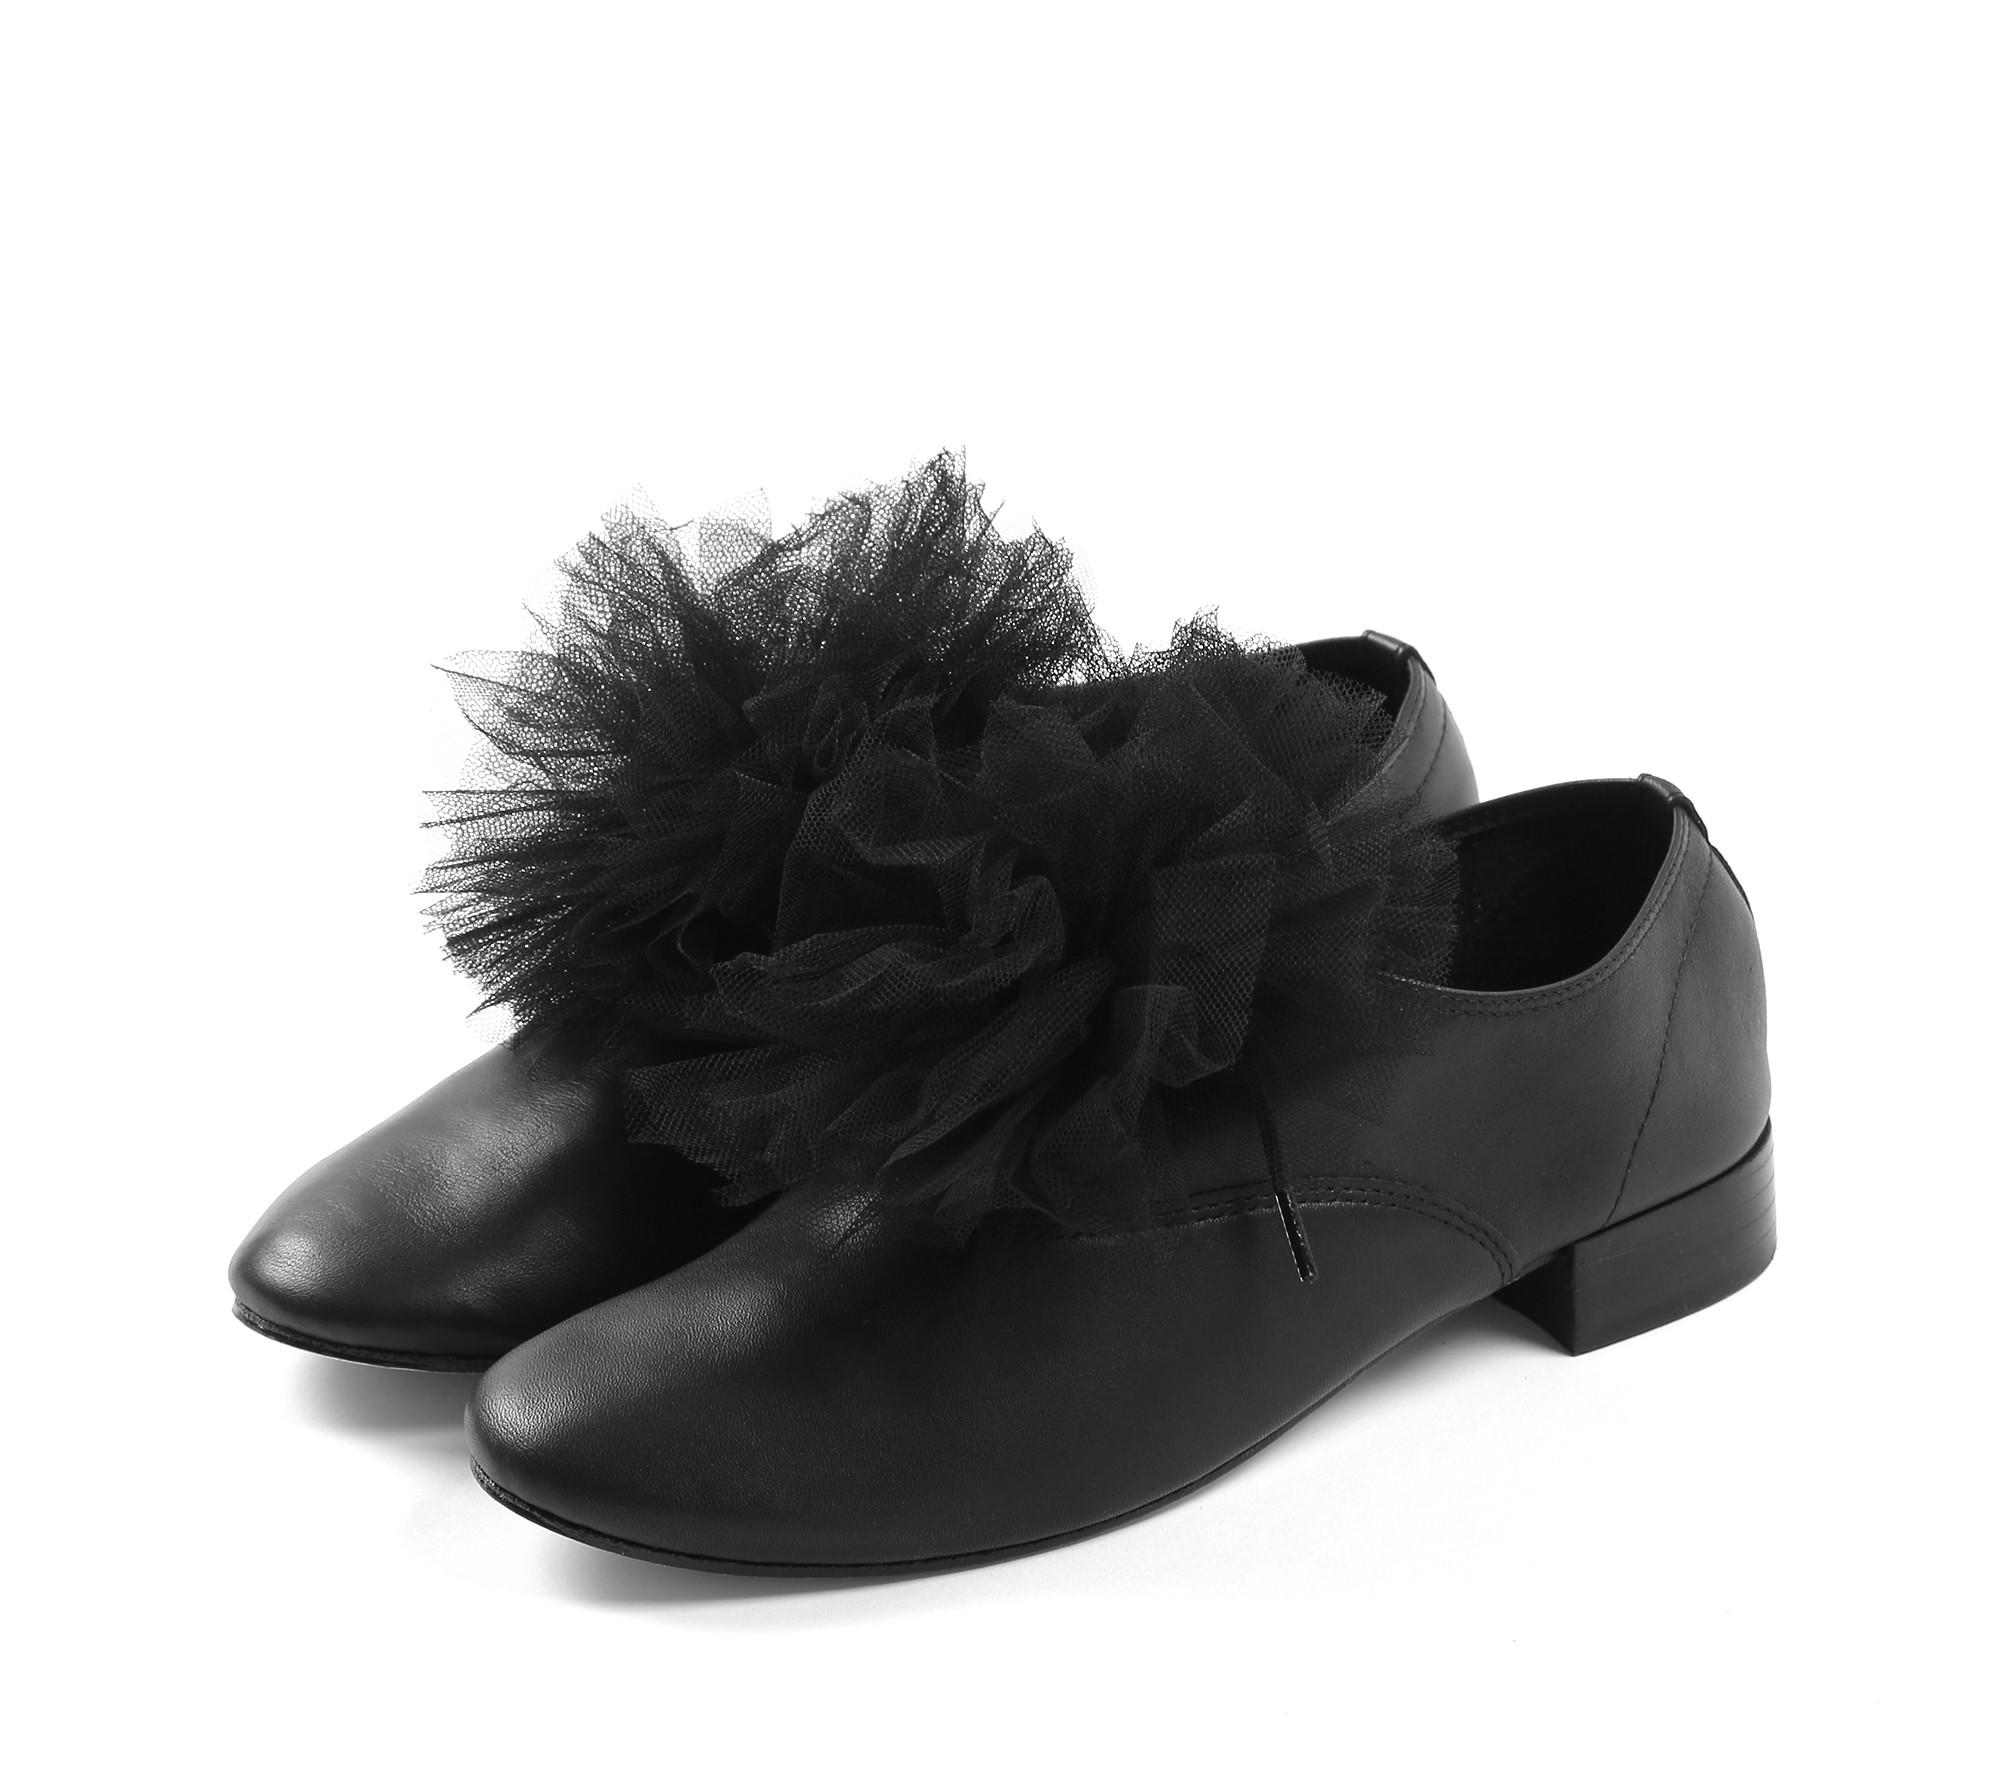 Zizi Oxford-Schuhe / Karena Lam x Repetto